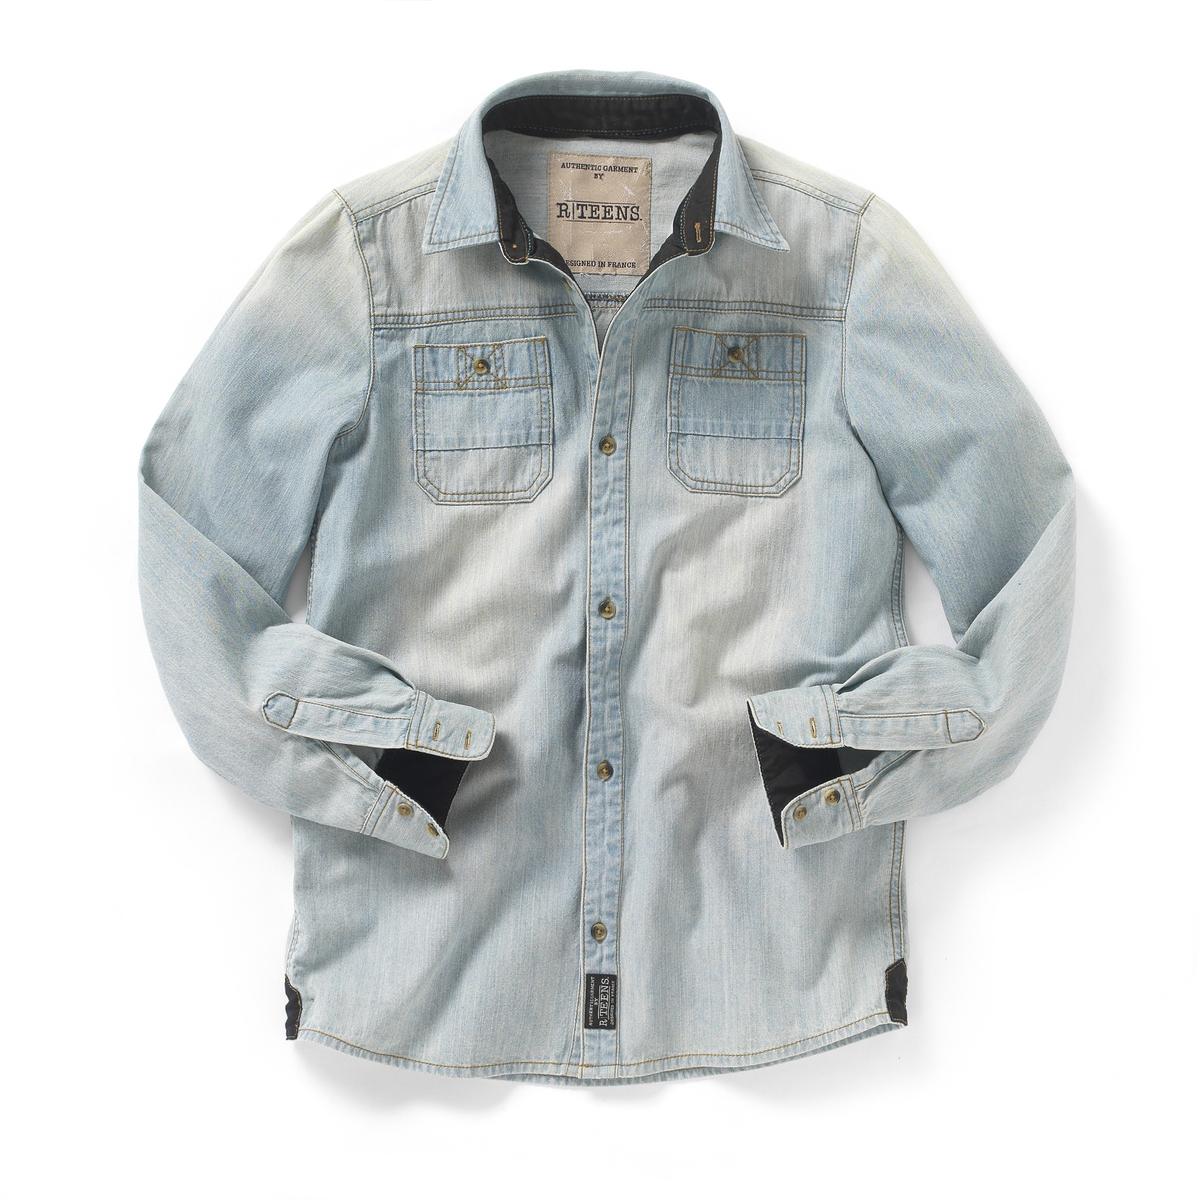 Рубашка джинсовая с длинными рукавами на 10-16 летРубашка с длинными рукавами, деним, 100% хлопка. Незаменима в этом сезоне! Манжеты и застежа на пуговицах. 2 нагрудных кармана. Потертости спереди и сзади.<br><br>Цвет: синий потертый<br>Размер: 16 лет - 174 см